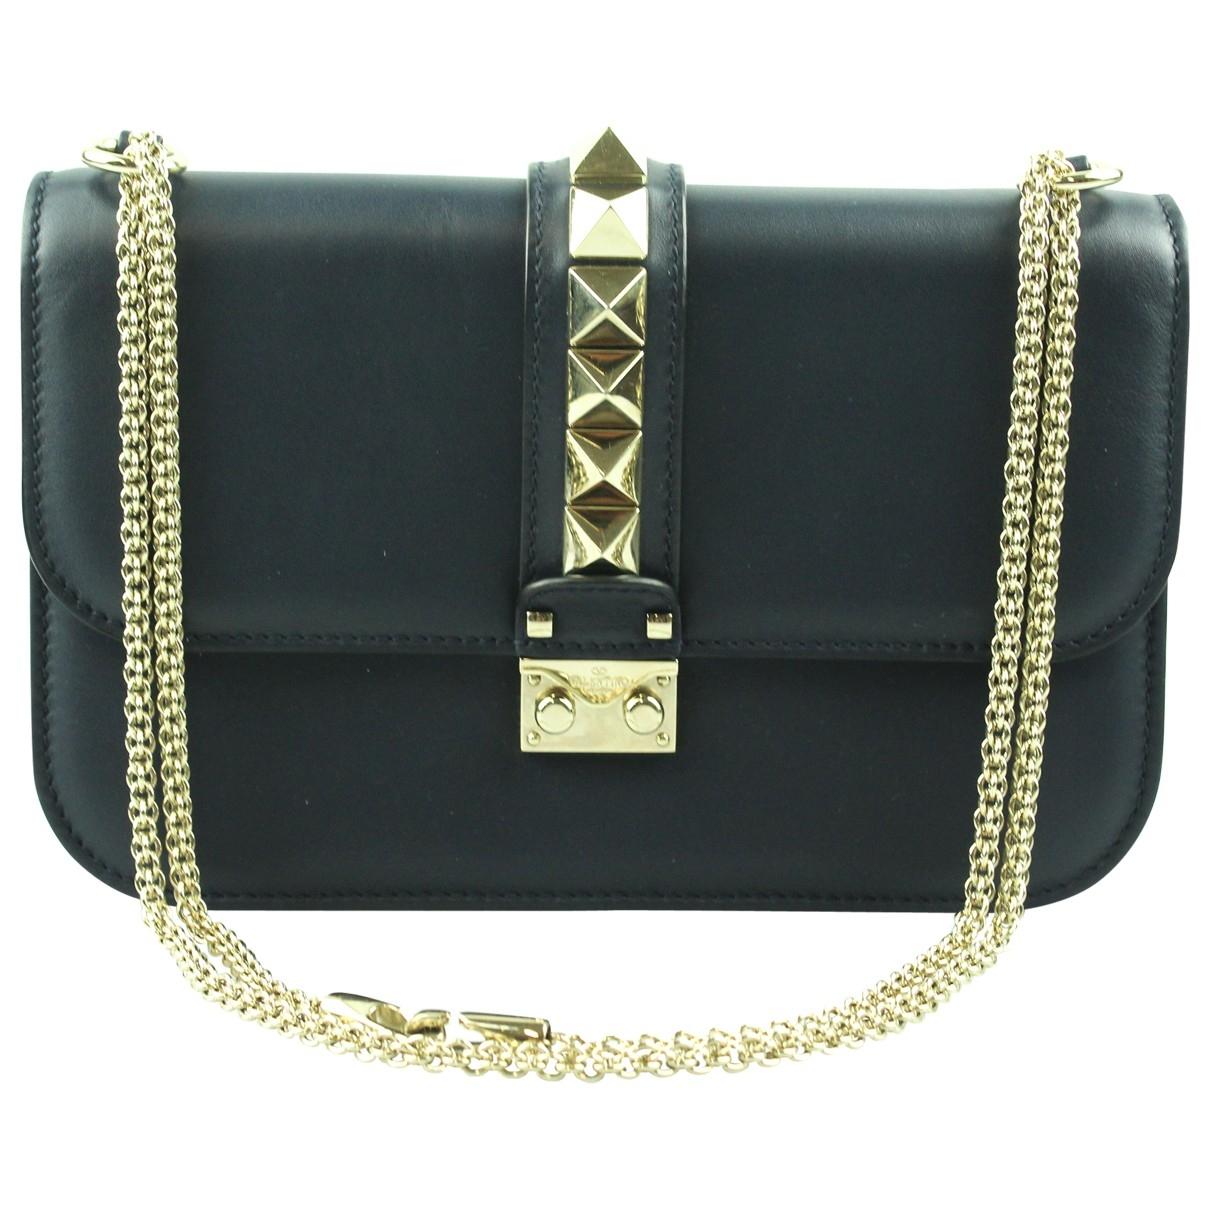 Valentino Garavani Glam Lock Handtasche in  Marine Leder